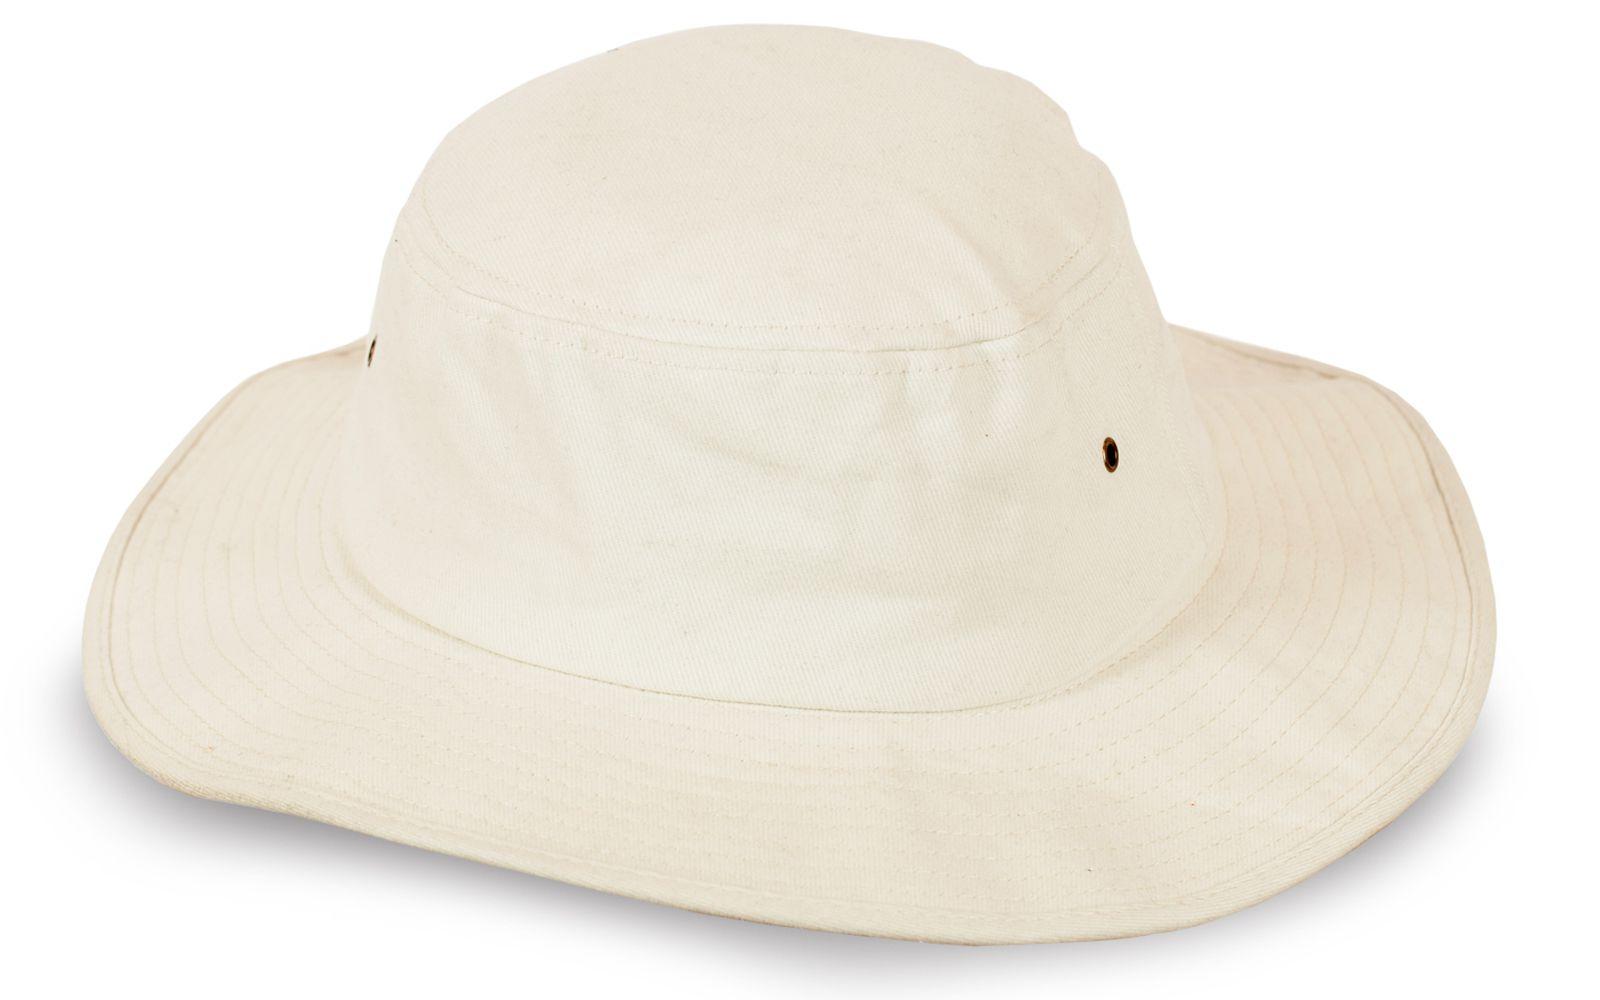 Белая топовая шляпа для пляжа - купить недорого